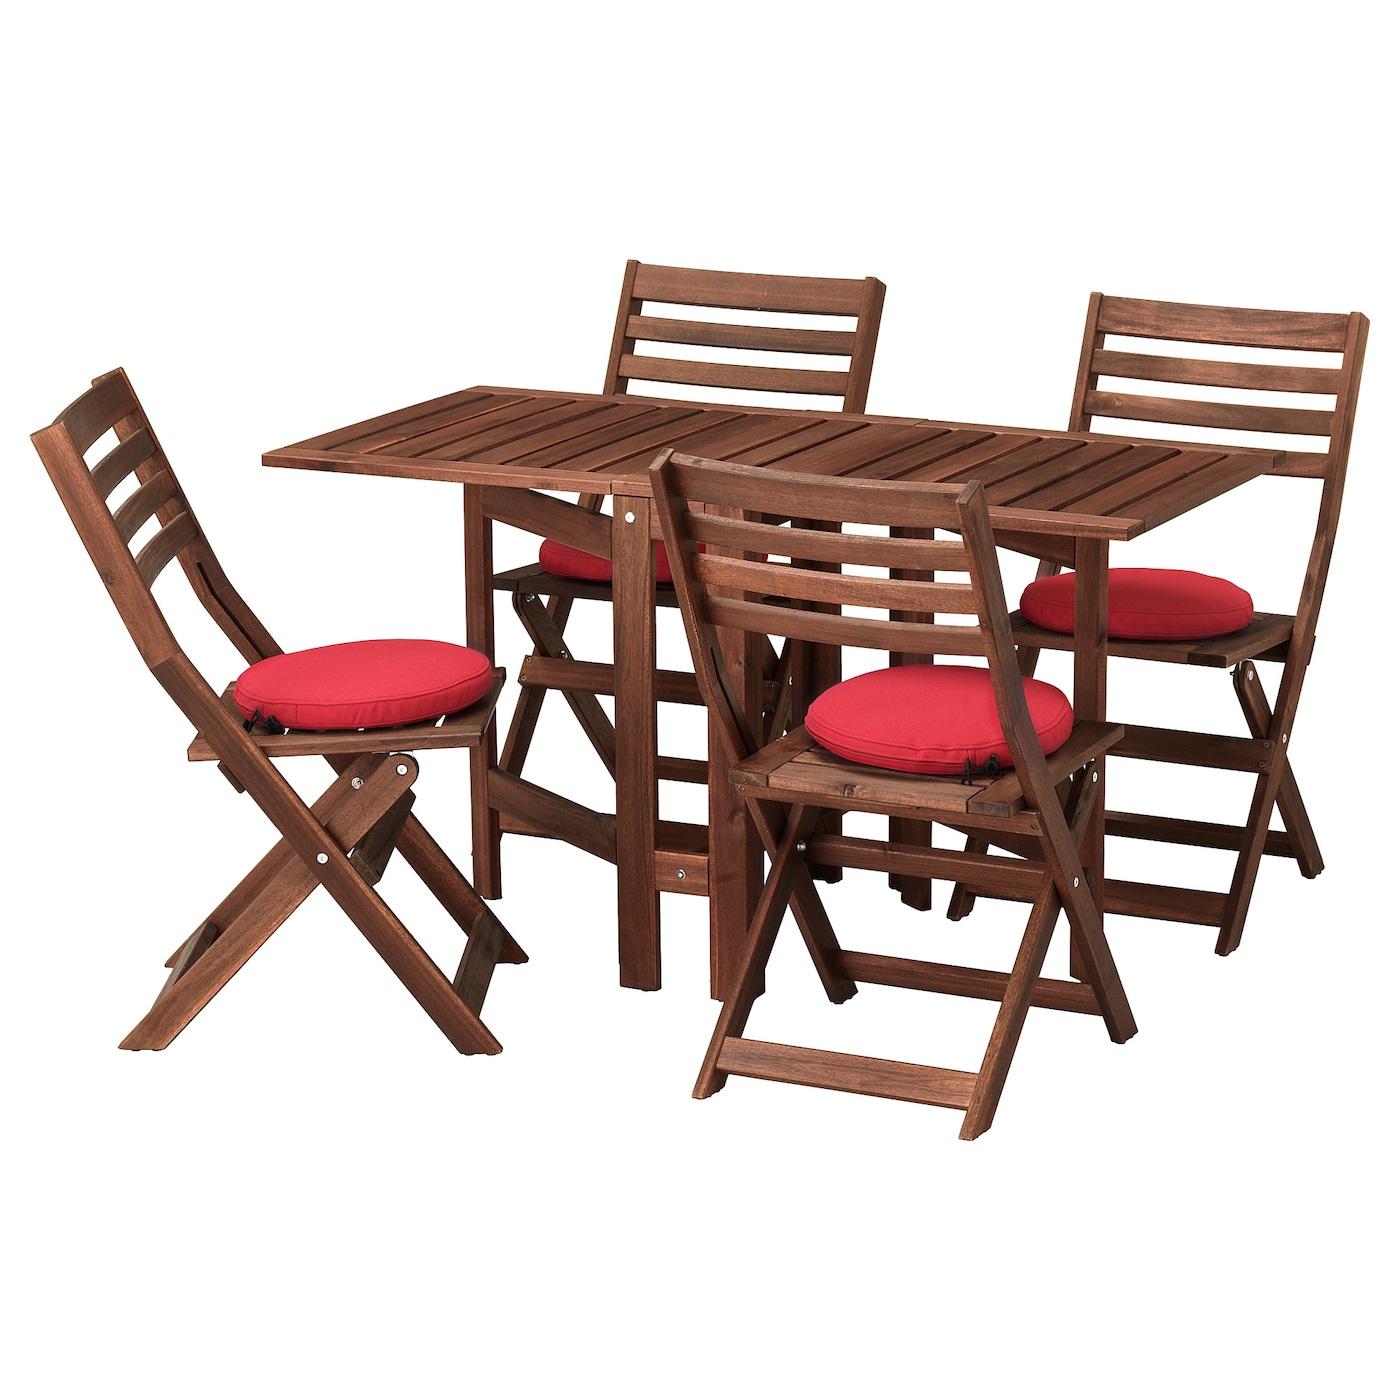 Ikea gartenmöbel äpplarö  rotbraun Gartenmöbel-Set online kaufen | Möbel-Suchmaschine ...